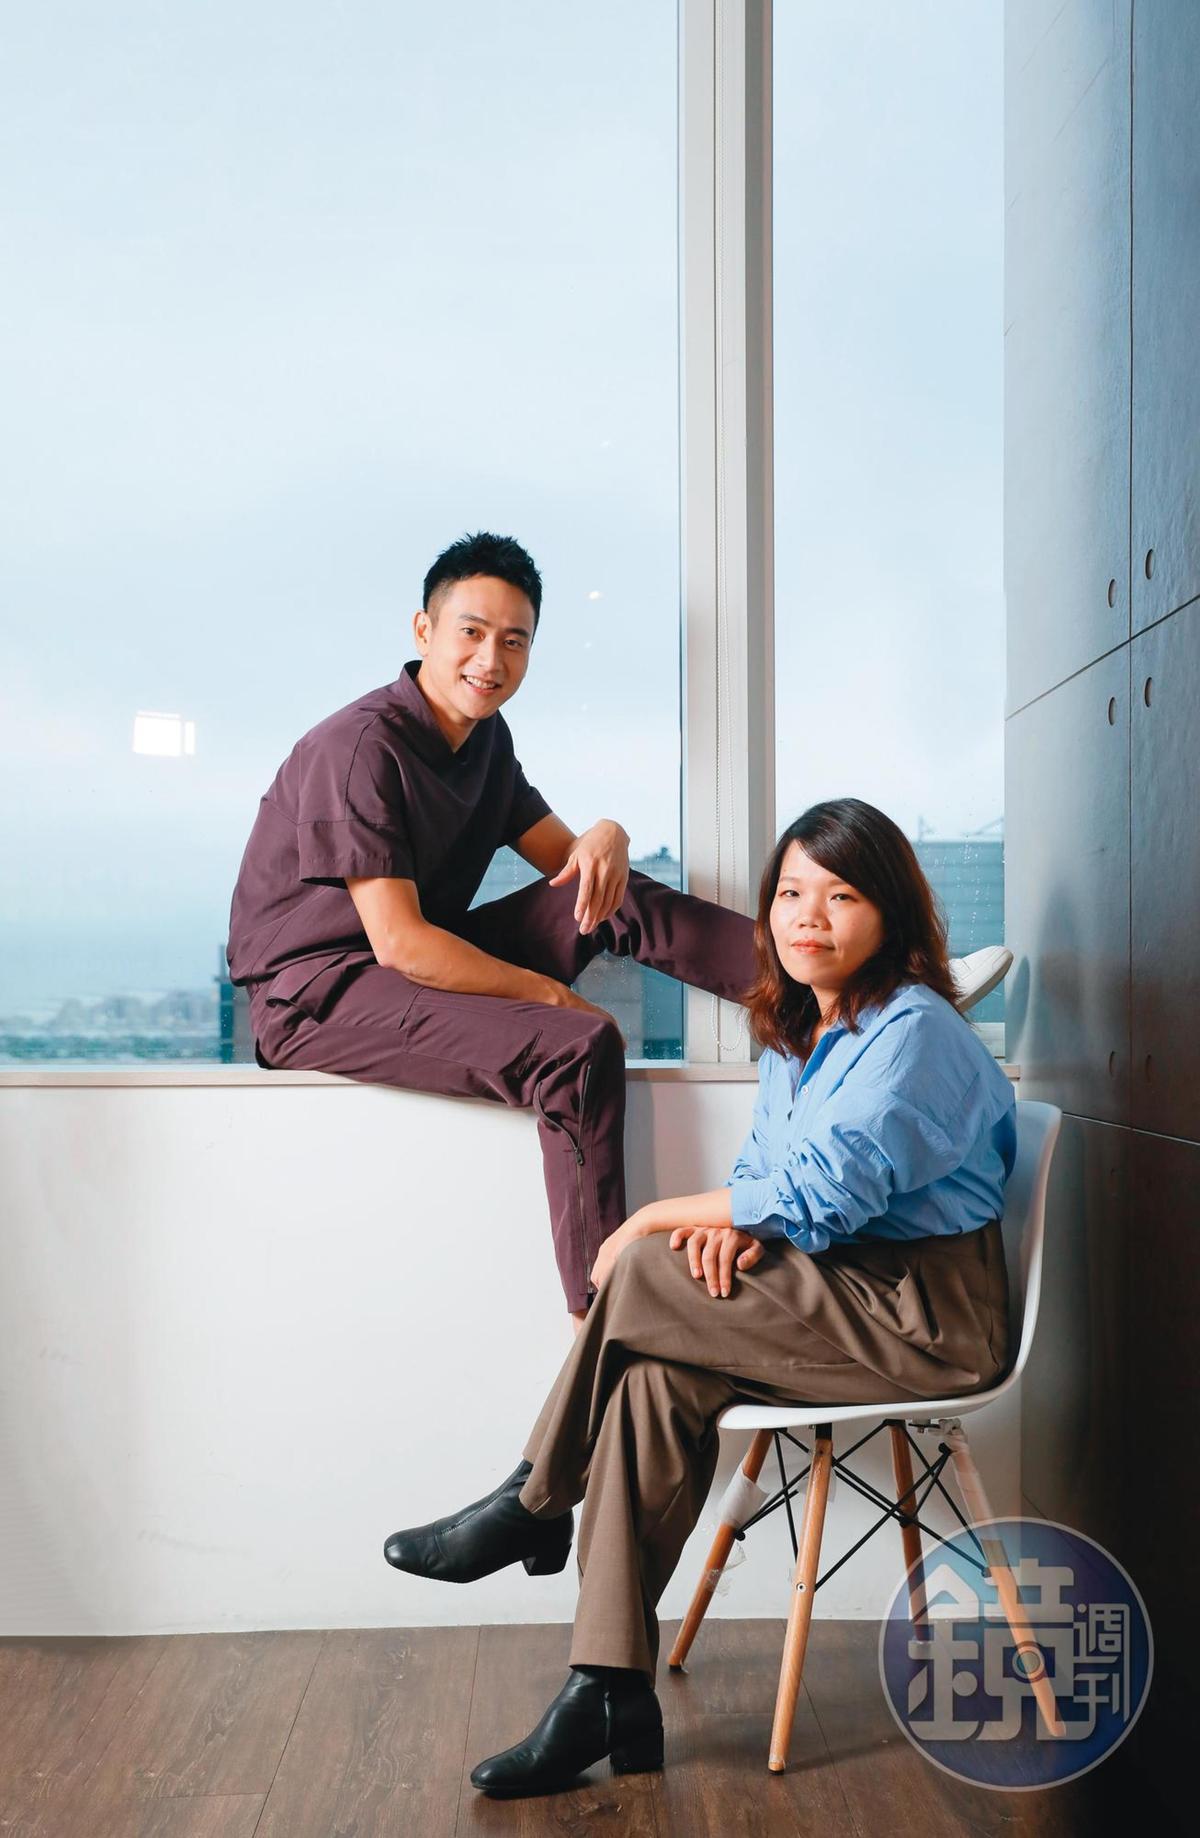 導演柯貞年(右)一開始就相中演員劉冠廷(左)飾演特教學校的老師,認為他有種讓人猜不透的特質。